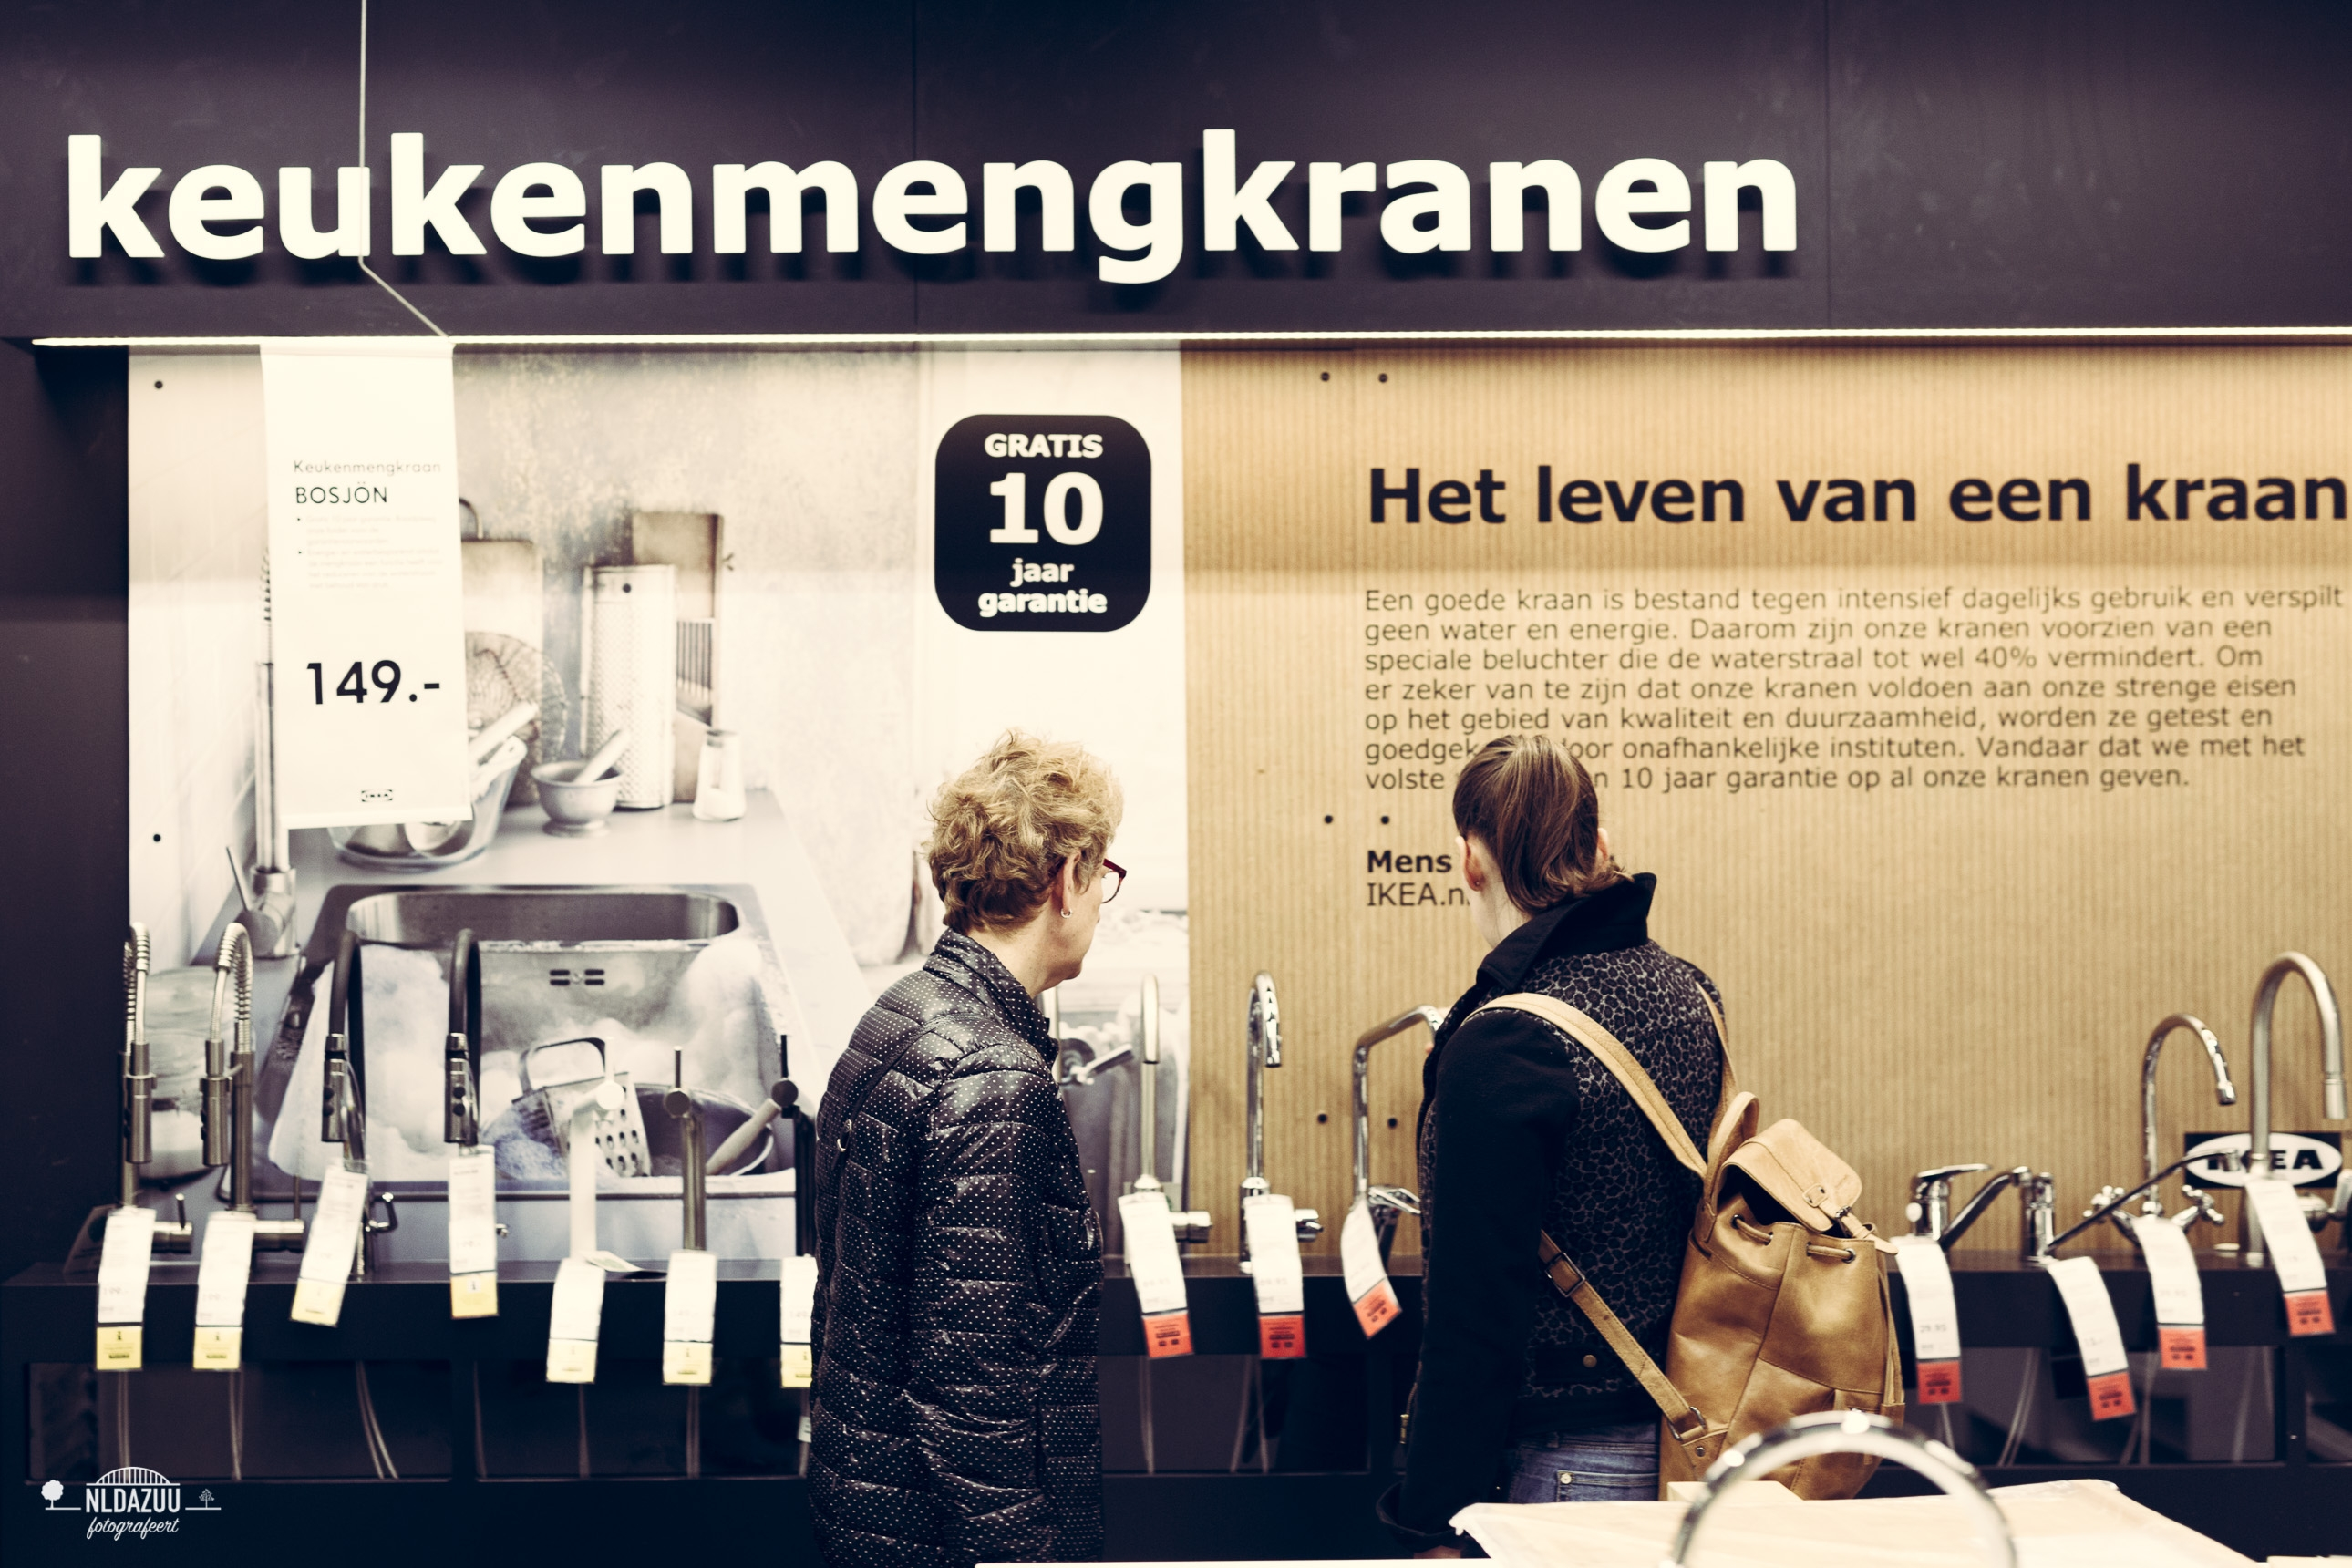 Dag 43 #nldazuu50mmchallenge: WINKEL